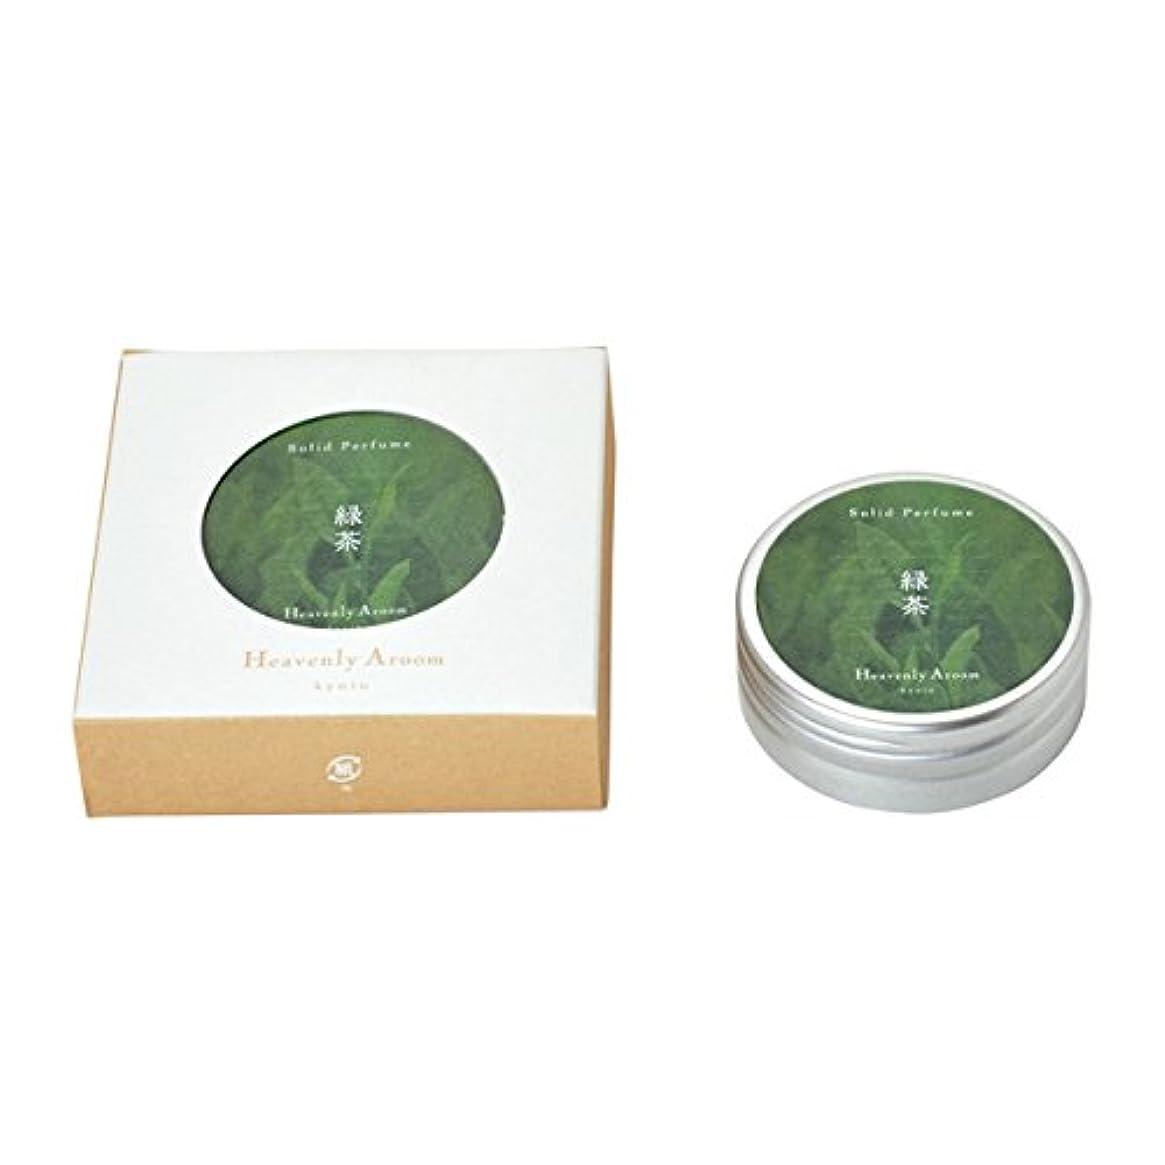 事業派生する化粧Heavenly Aroom ソリッドパフューム 緑茶 15g